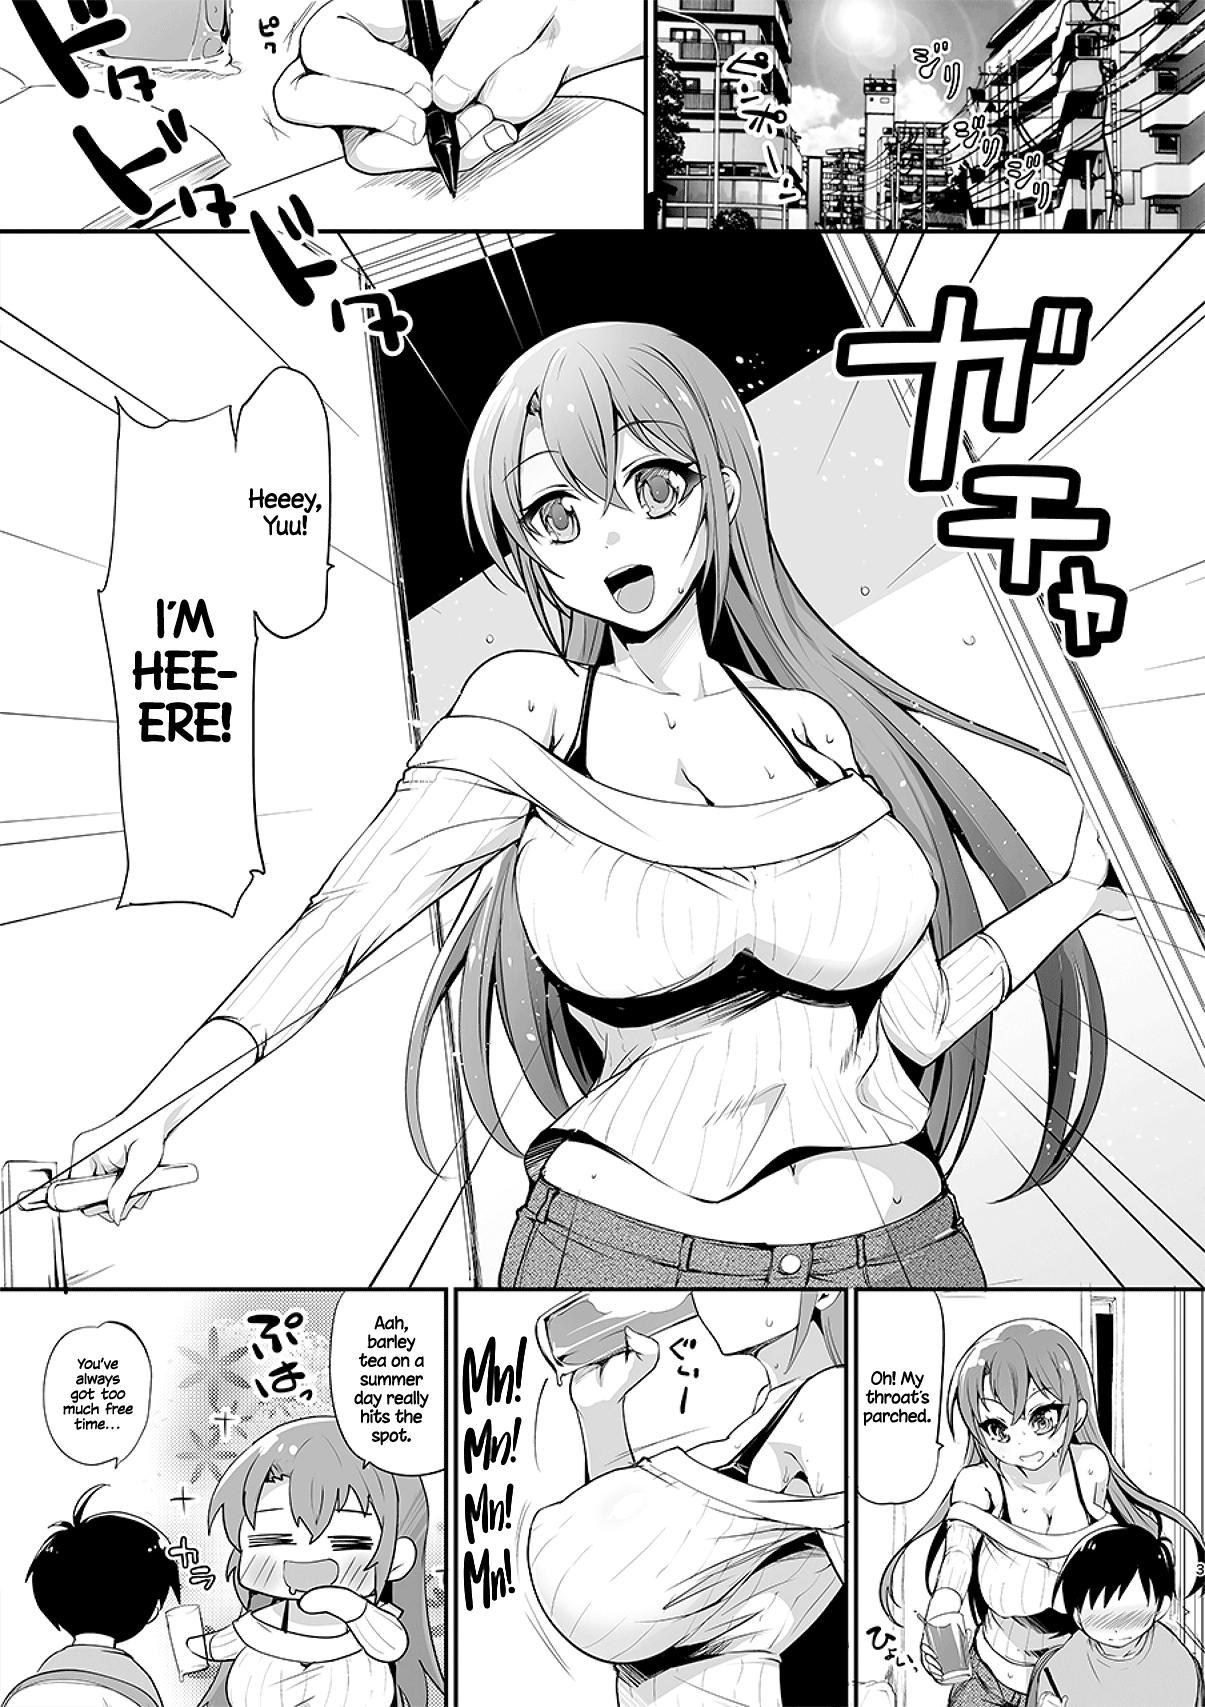 Kyonyuu no Onee-chan wa Suki desu ka?   Do You Like Big Sis' Big Tits? 1